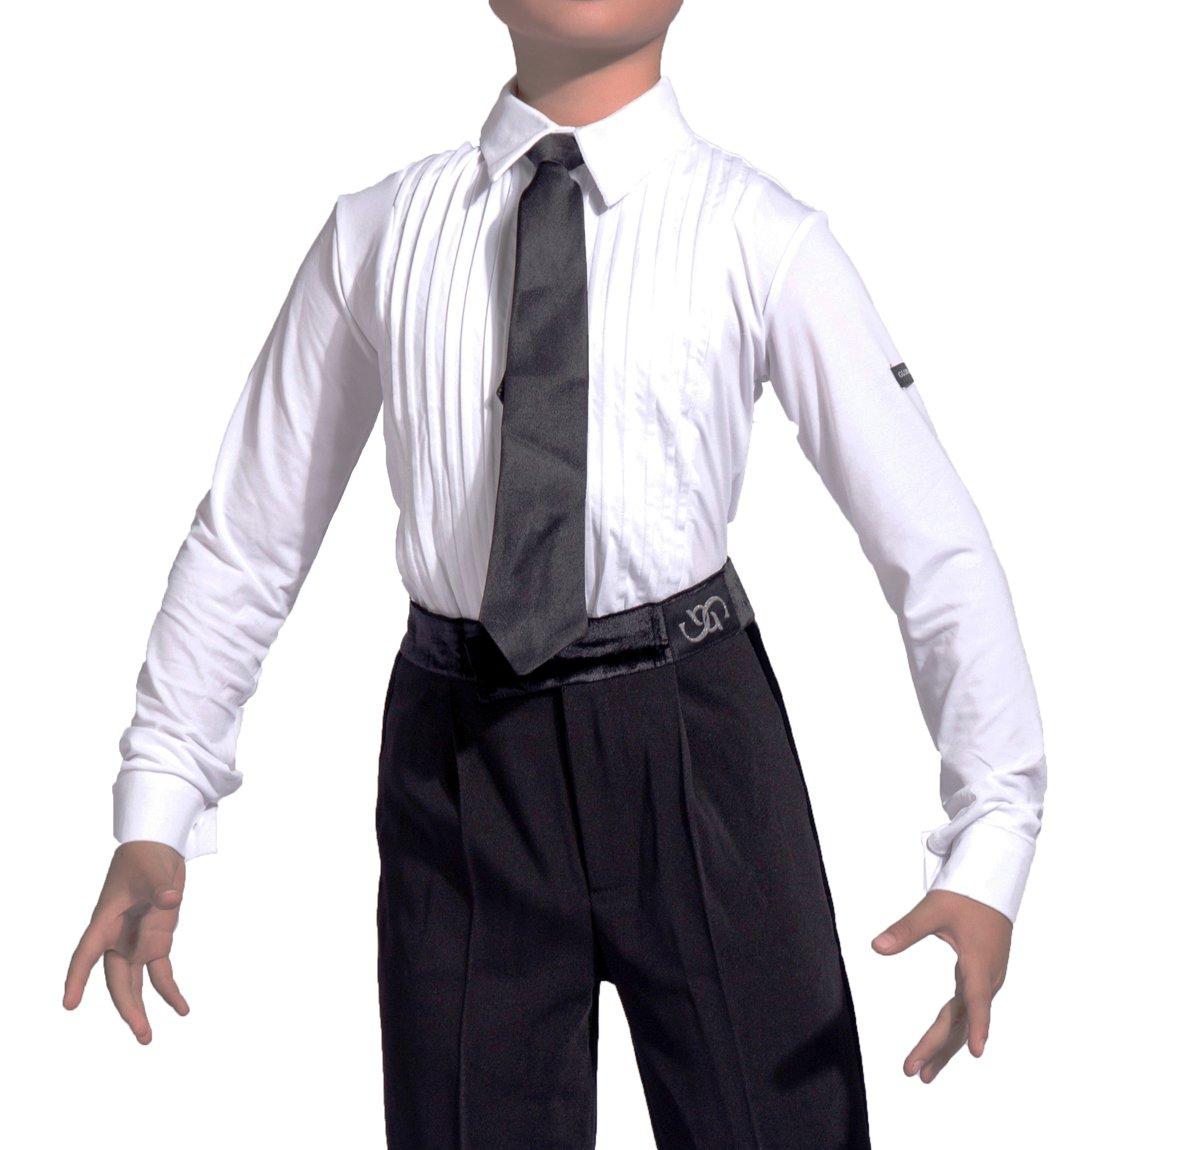 新品入荷 GD5102 モダンダンス 男子(少年) 専門通用のされるラテンダンス B07BDH1LM8 モダンダンス 社交ダンス 男性用 スーツ (シャツ+パンツ) B07BDH1LM8 (FBA)shirt(white) 110|(FBA)shirt(white) (FBA)shirt(white) 110, カーピカル JAPAN NET 事業部:50ce72f2 --- a0267596.xsph.ru